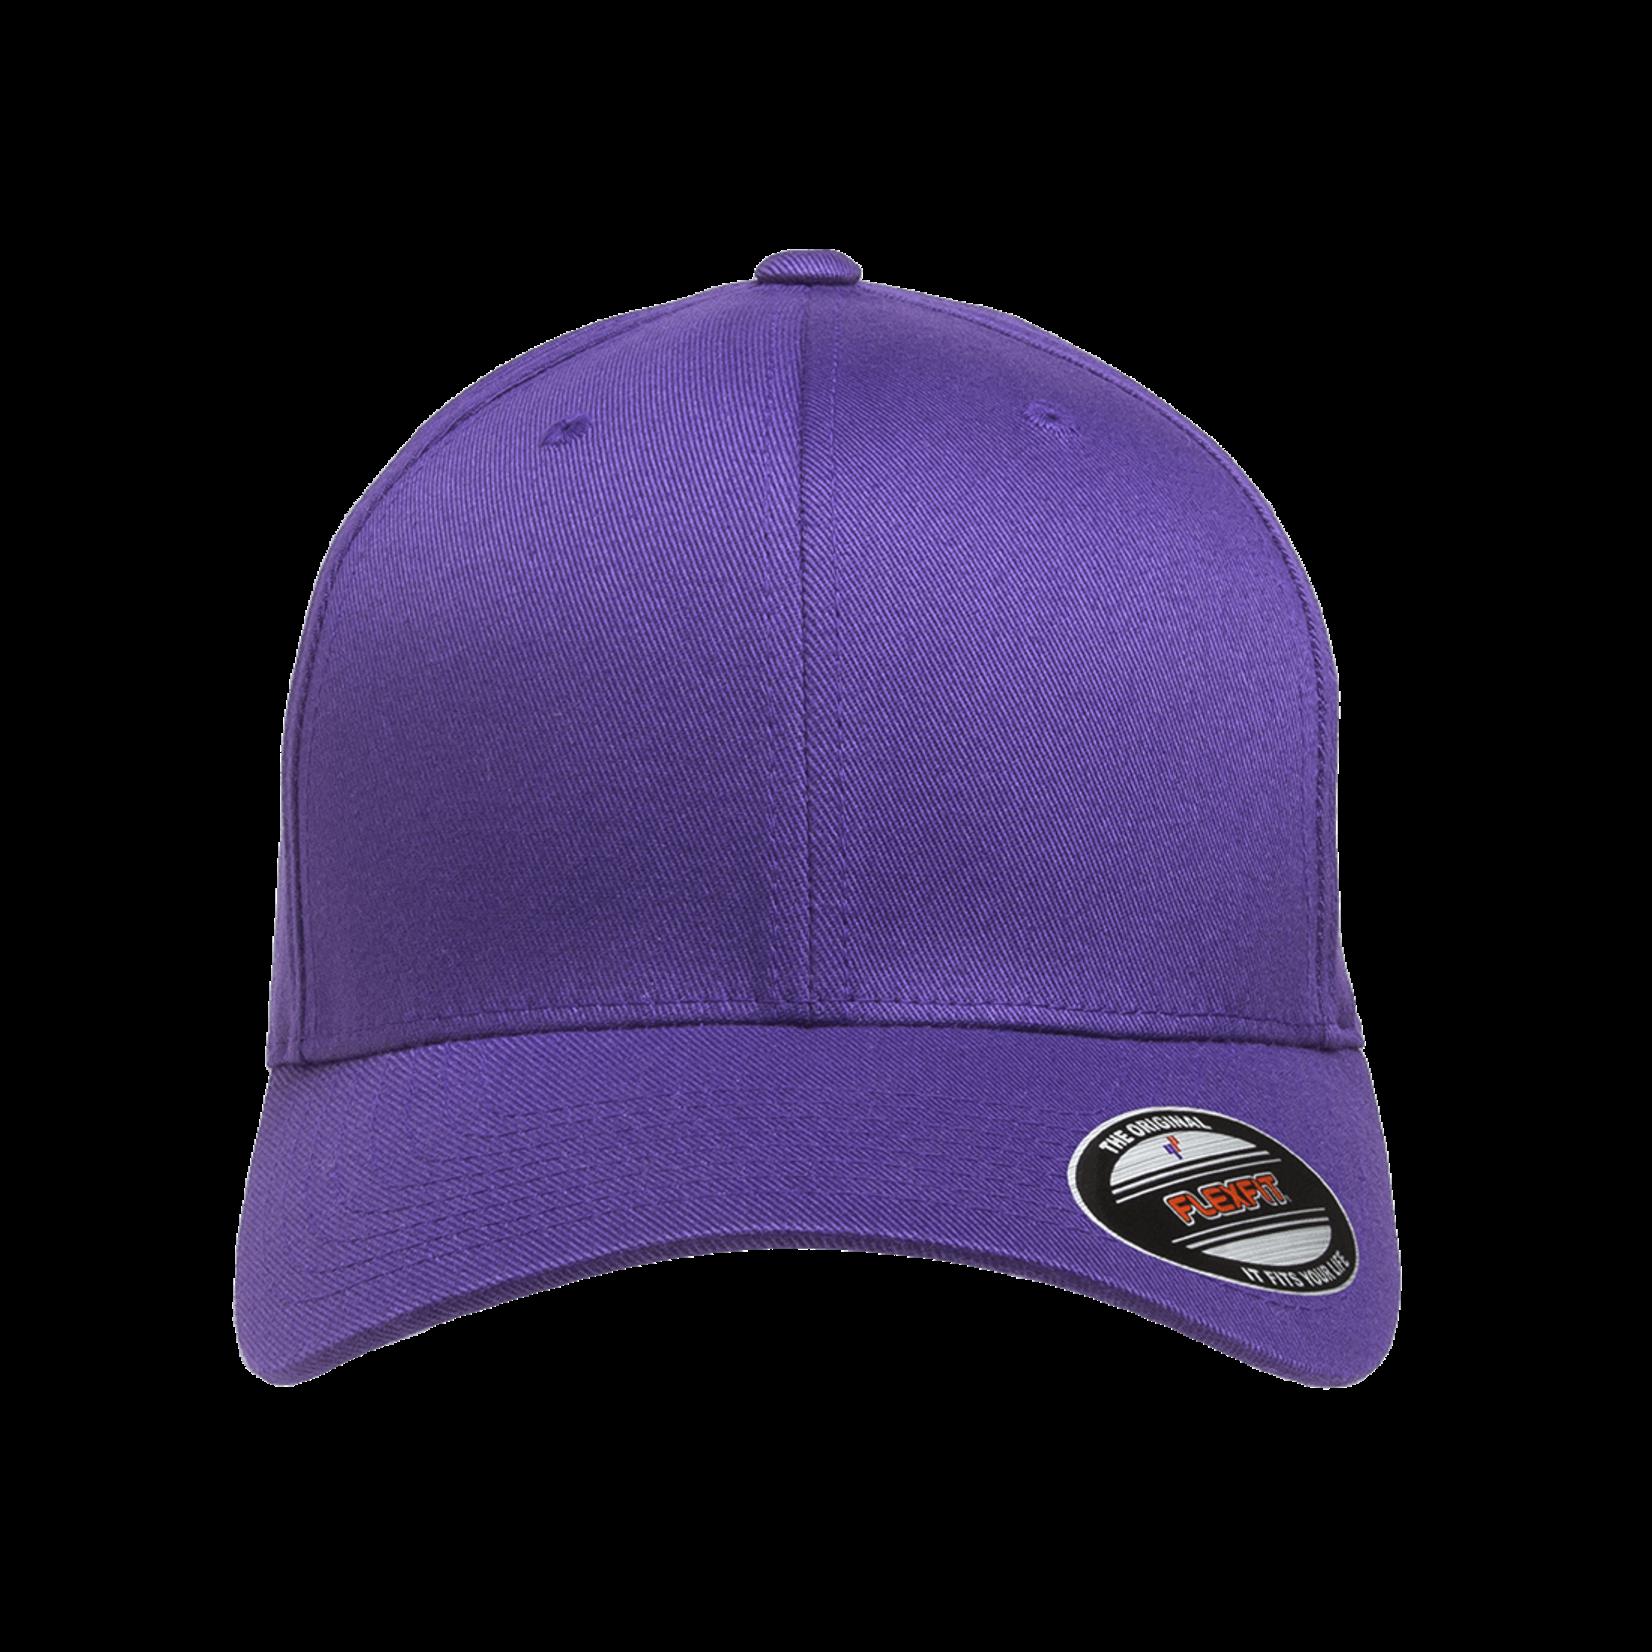 Flexfit Flexfit 6277 Classic Ballcap - Purple